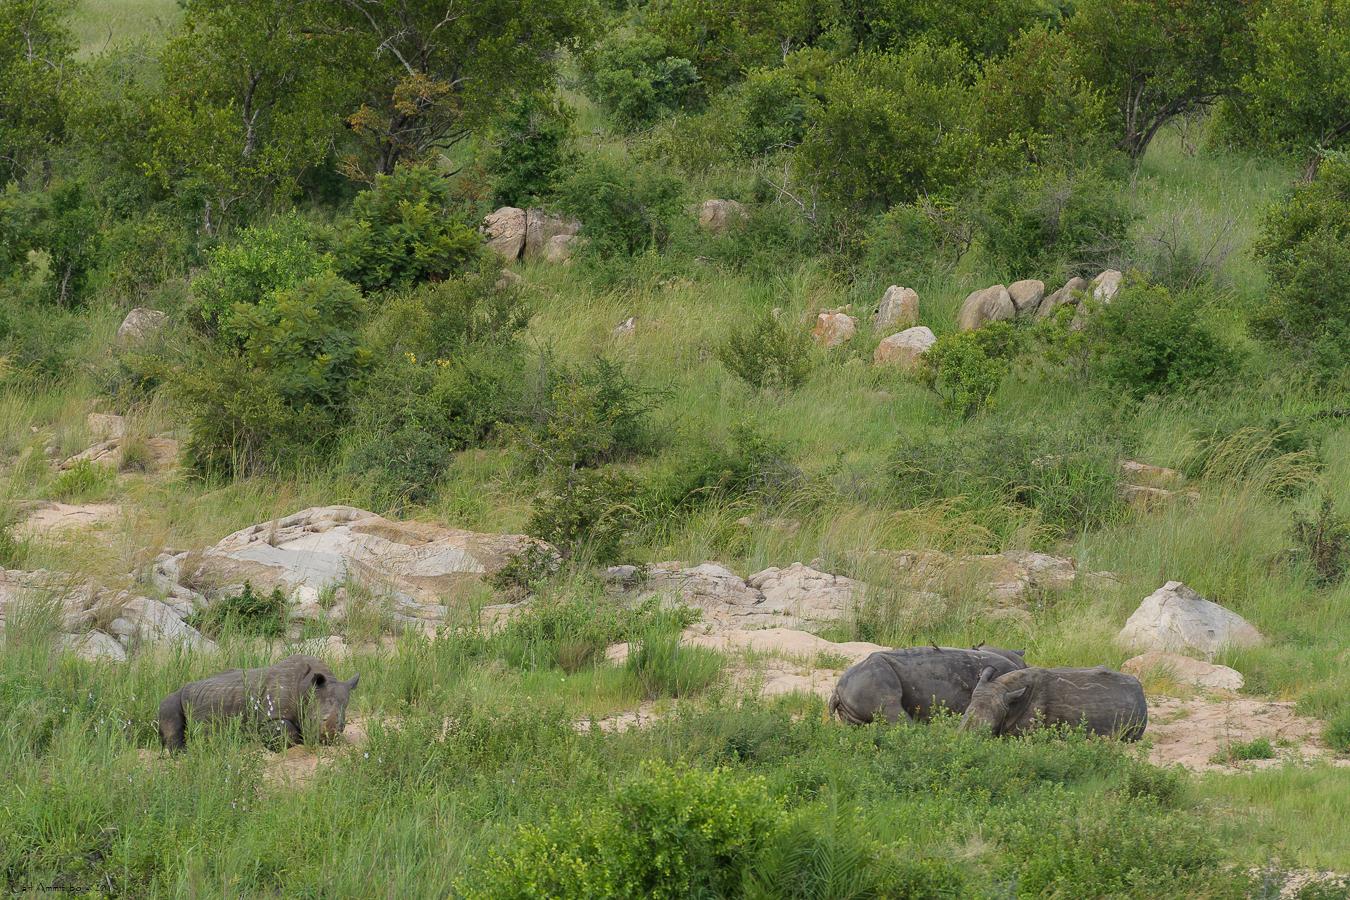 07 - 0218 - Næsehorn - 01 - Kruger